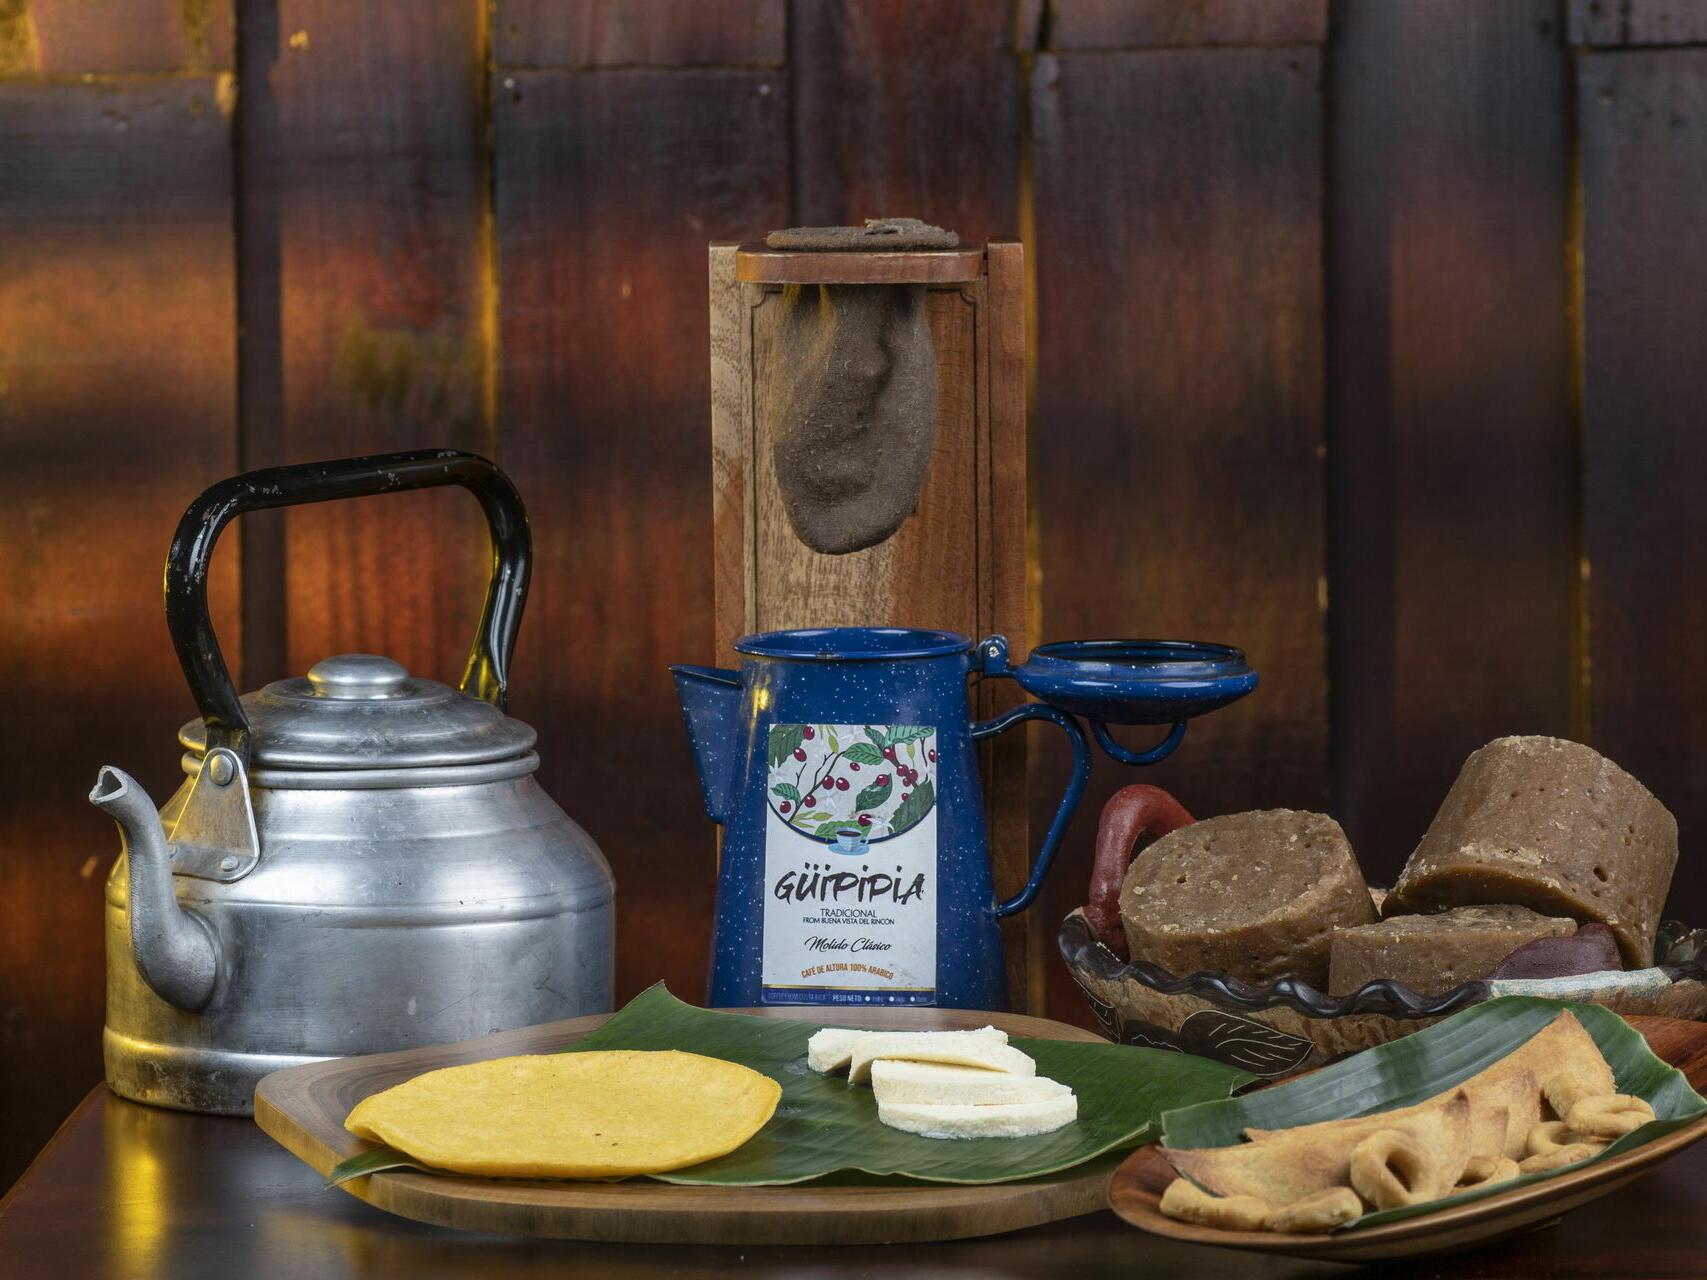 Snacks, Coffee Maker, and a Kettle at Buena Vista Del Rinco